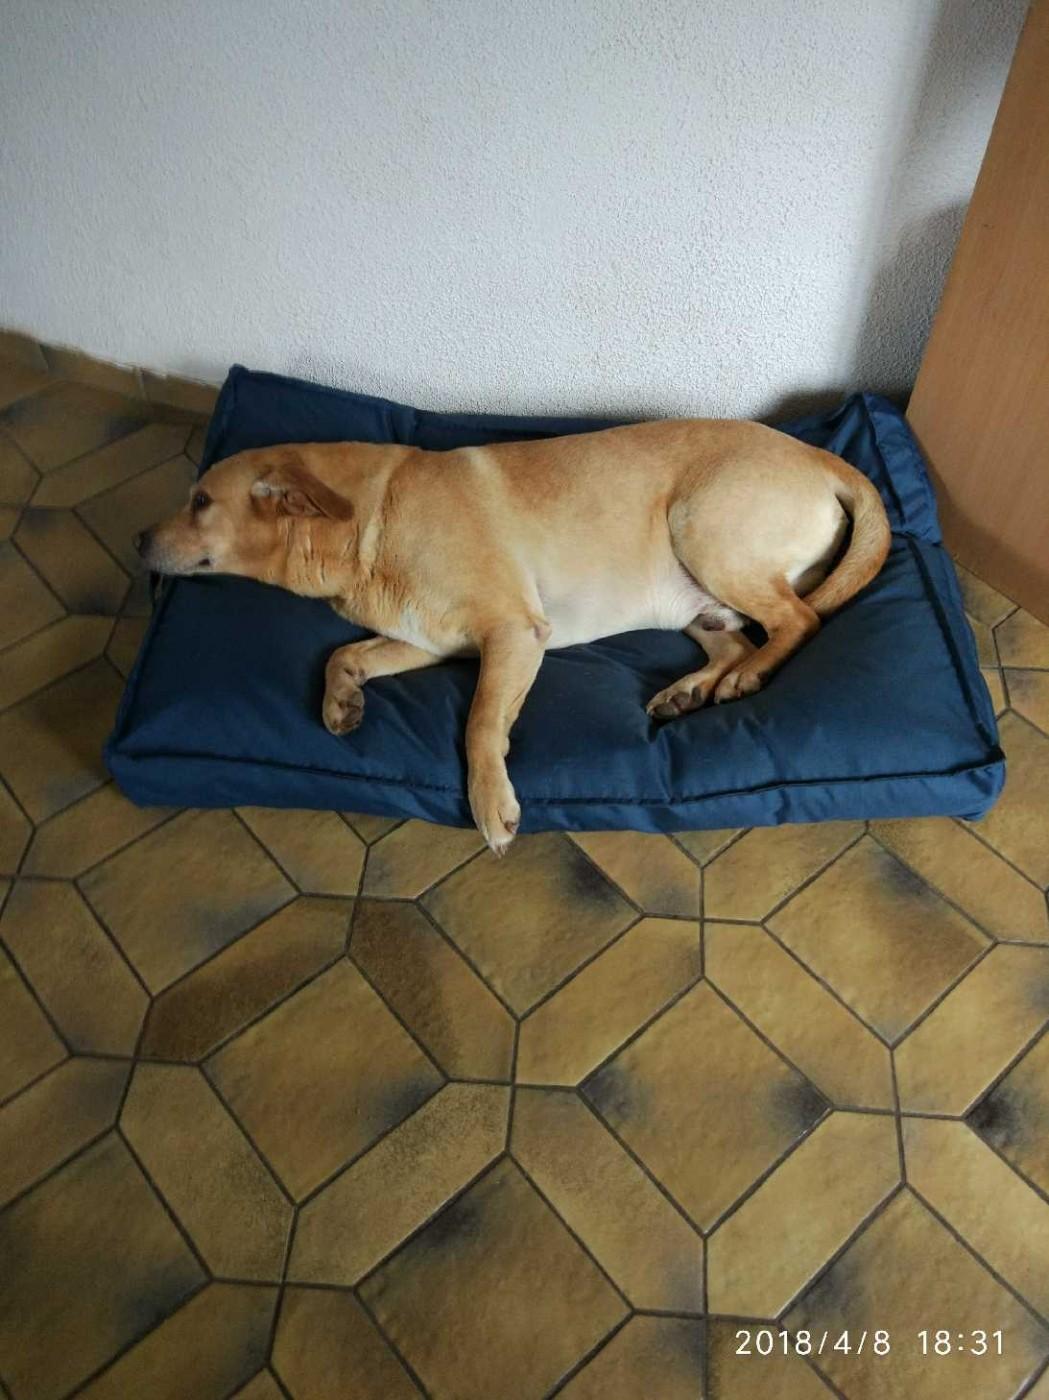 Grand Coussin Pour Exterieur avis sur coussin d'extérieur xxl pour chien zolia flopy bleu